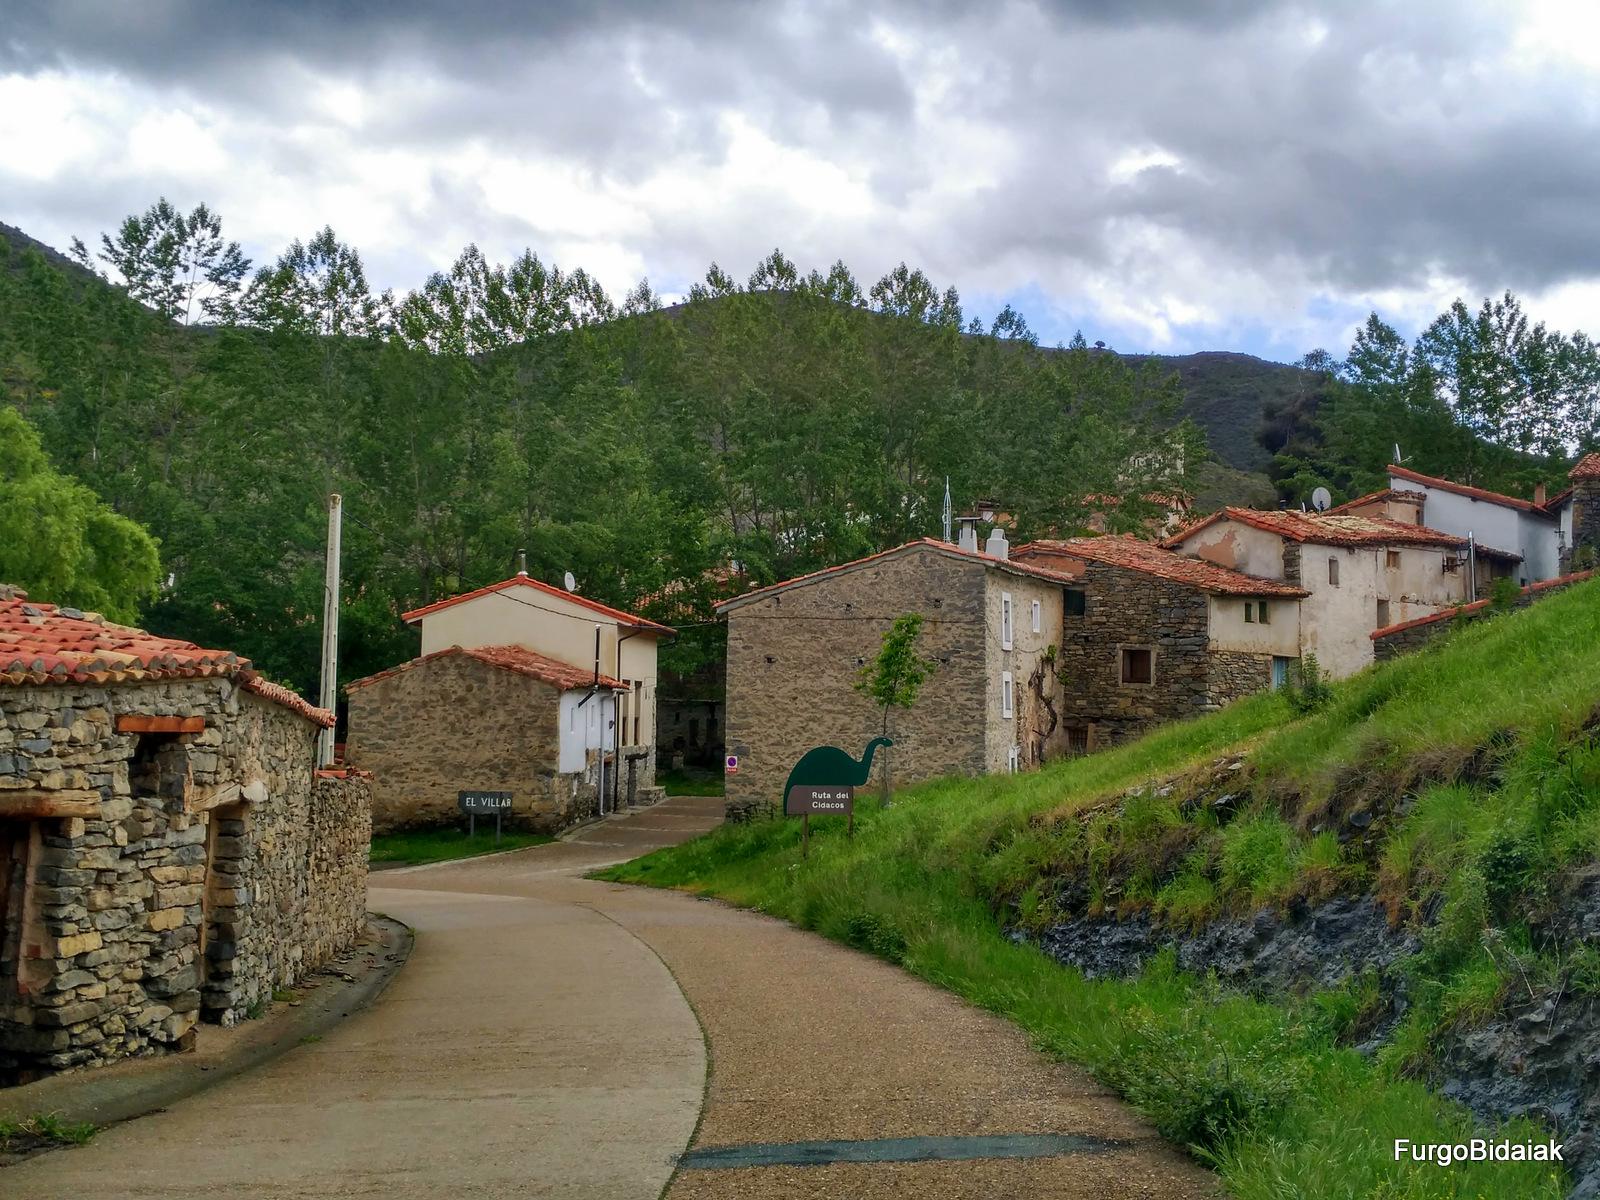 Ruta de los dinosaurios, La Rioja, El Villar Poyales